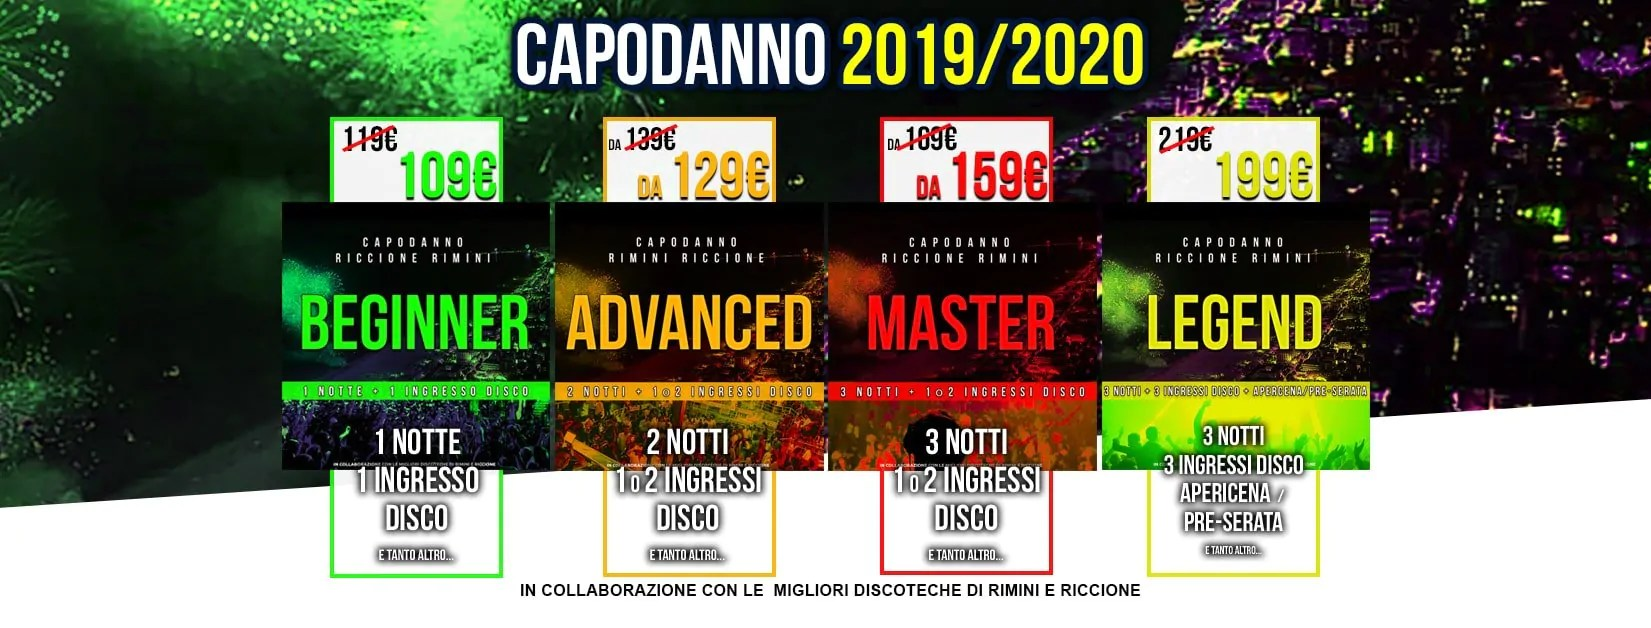 Capodanno 2020 Copertina DEF-prezzi Con Offerta-min (1)